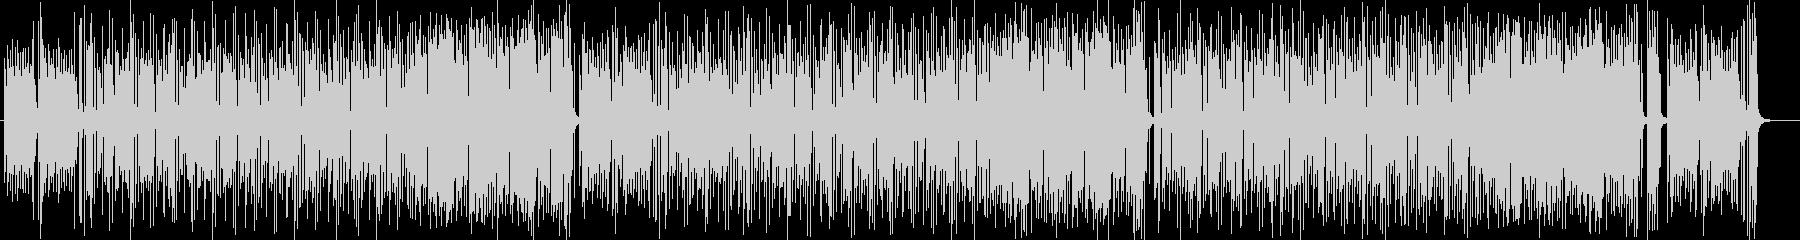 ミディアムテンポのコミカルなポップスの未再生の波形